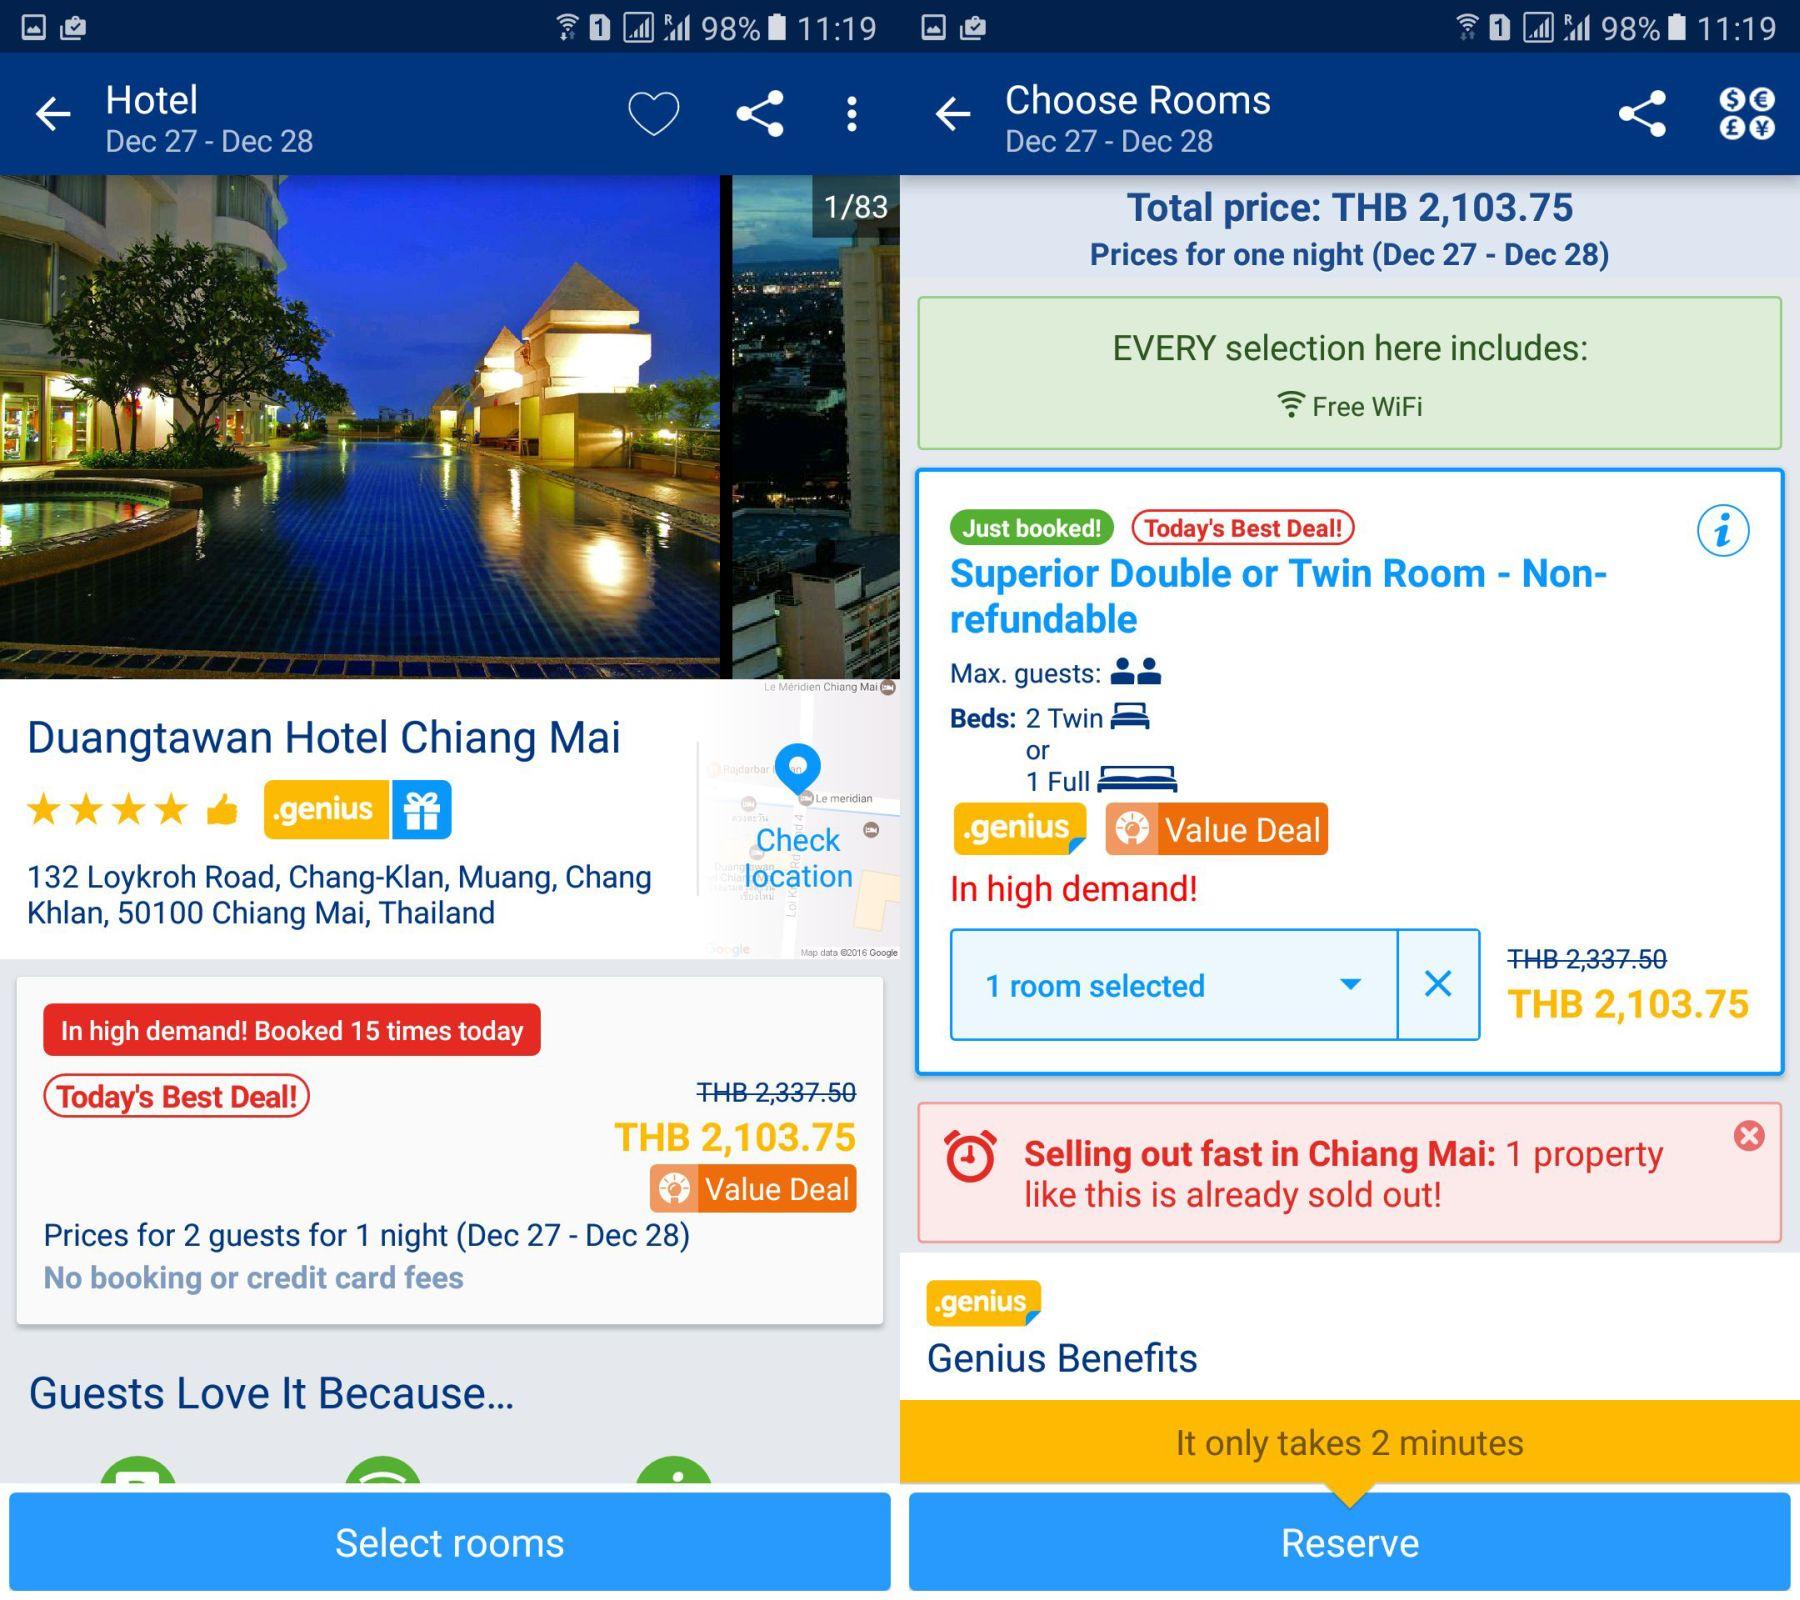 Duangtawan Chiang Mai cena z booking.com.